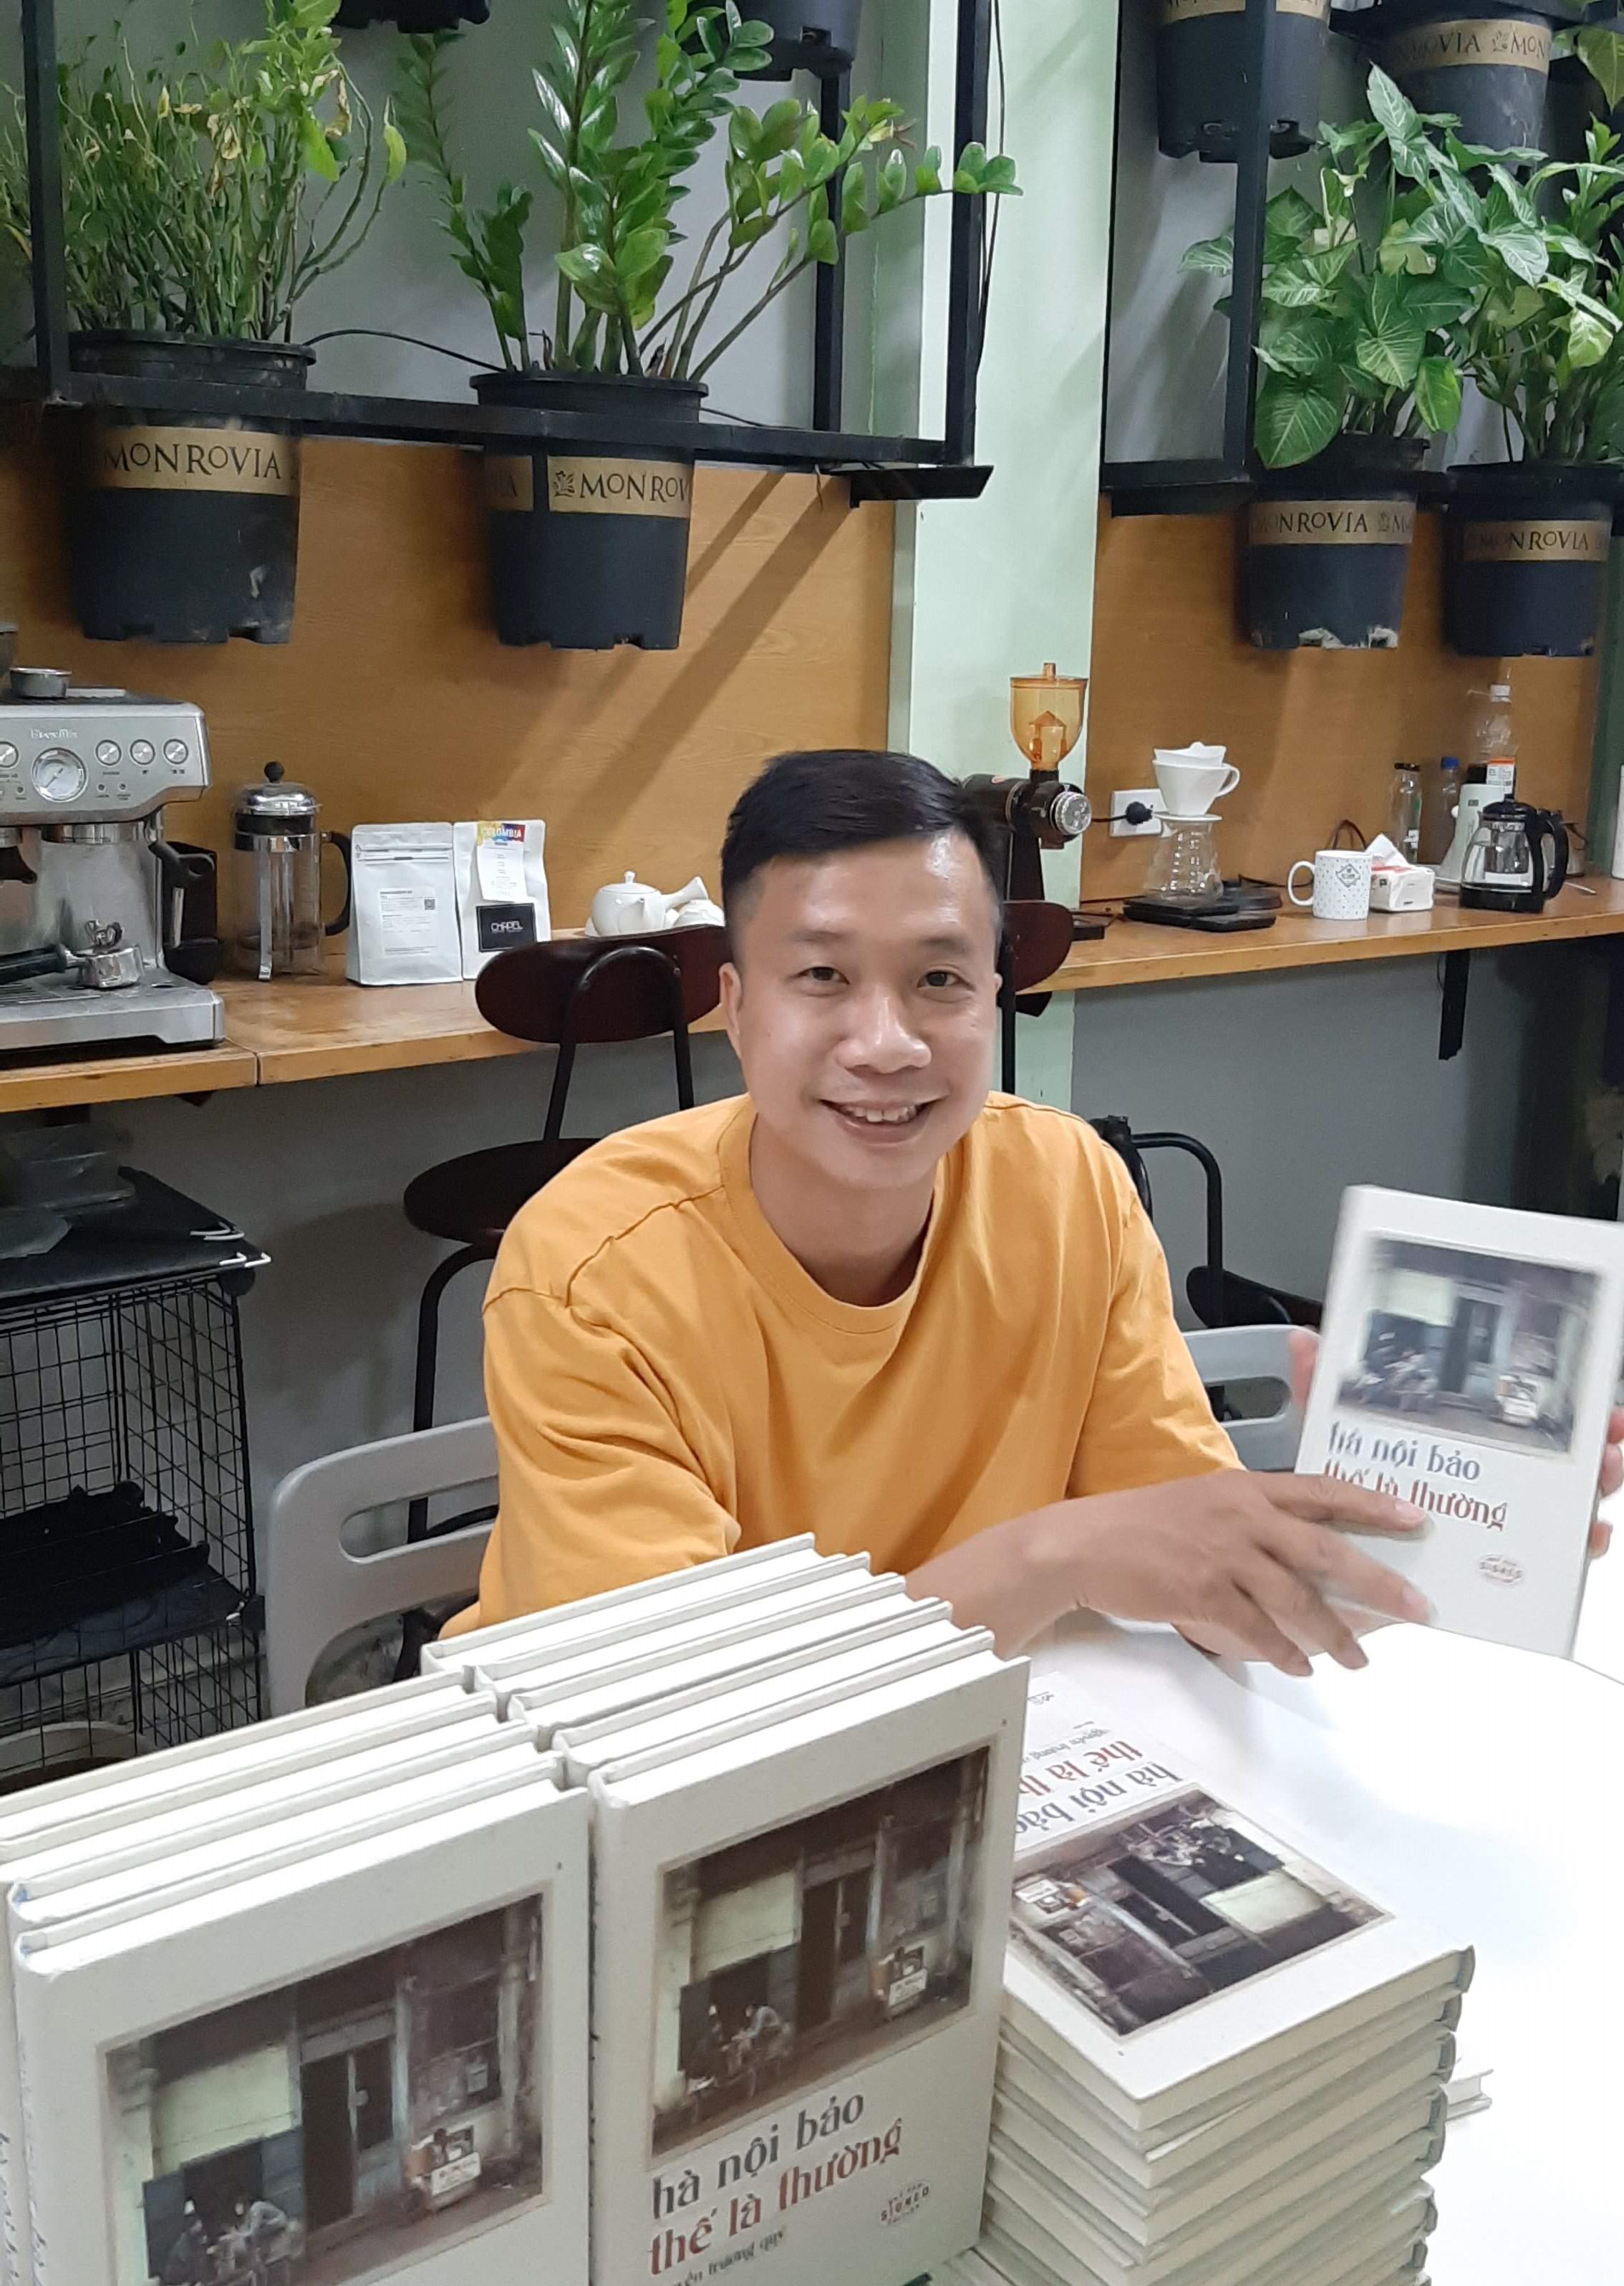 Nhà văn Nguyễn Trương Quý.